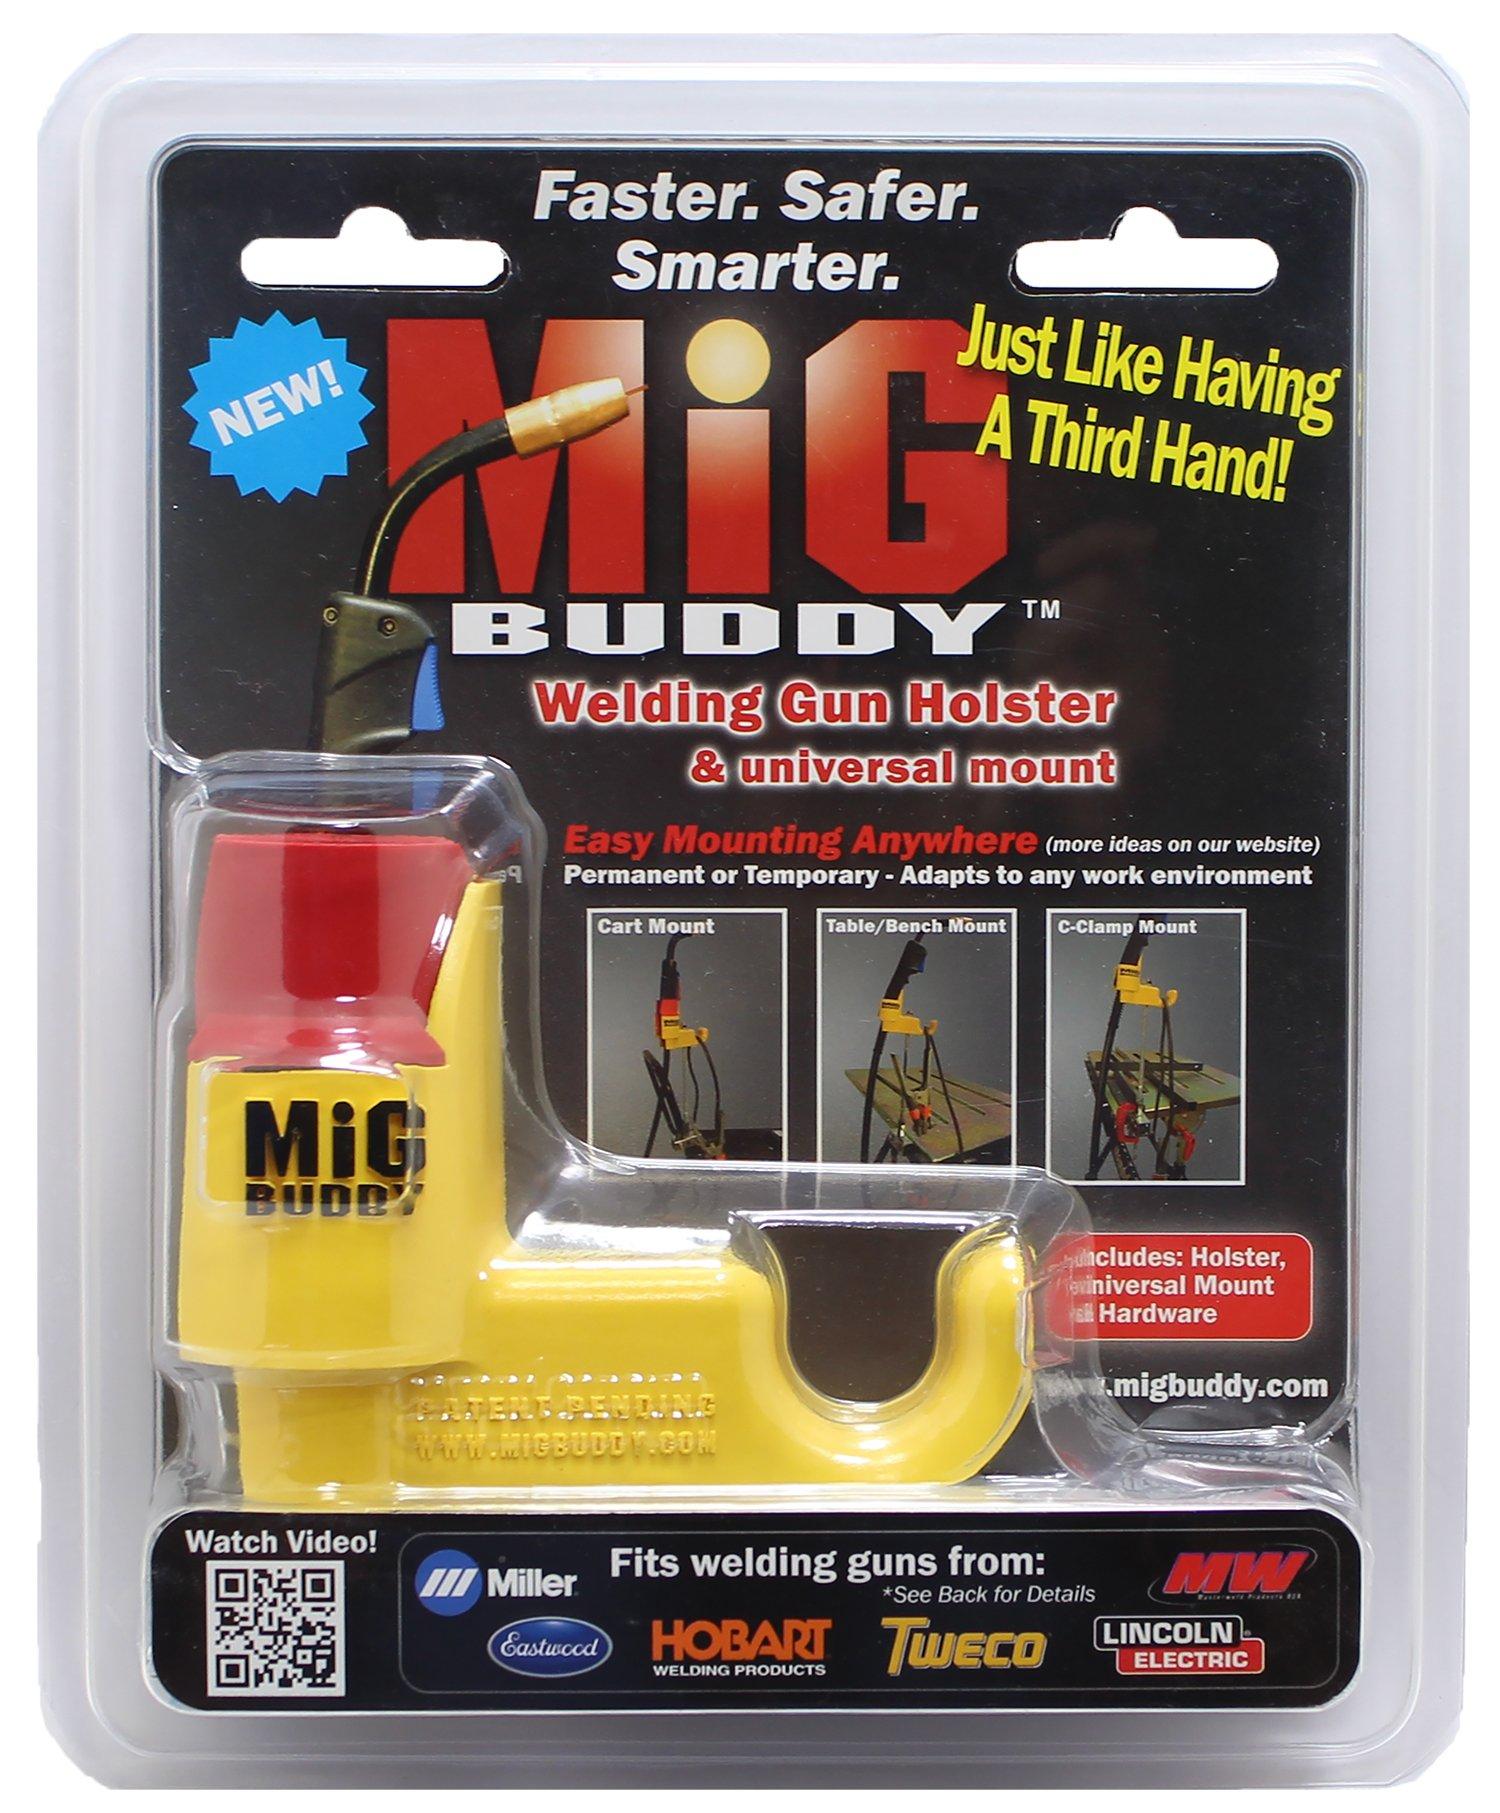 Mig Buddy MB-U15 Welding Gun Holster by Mig Buddy